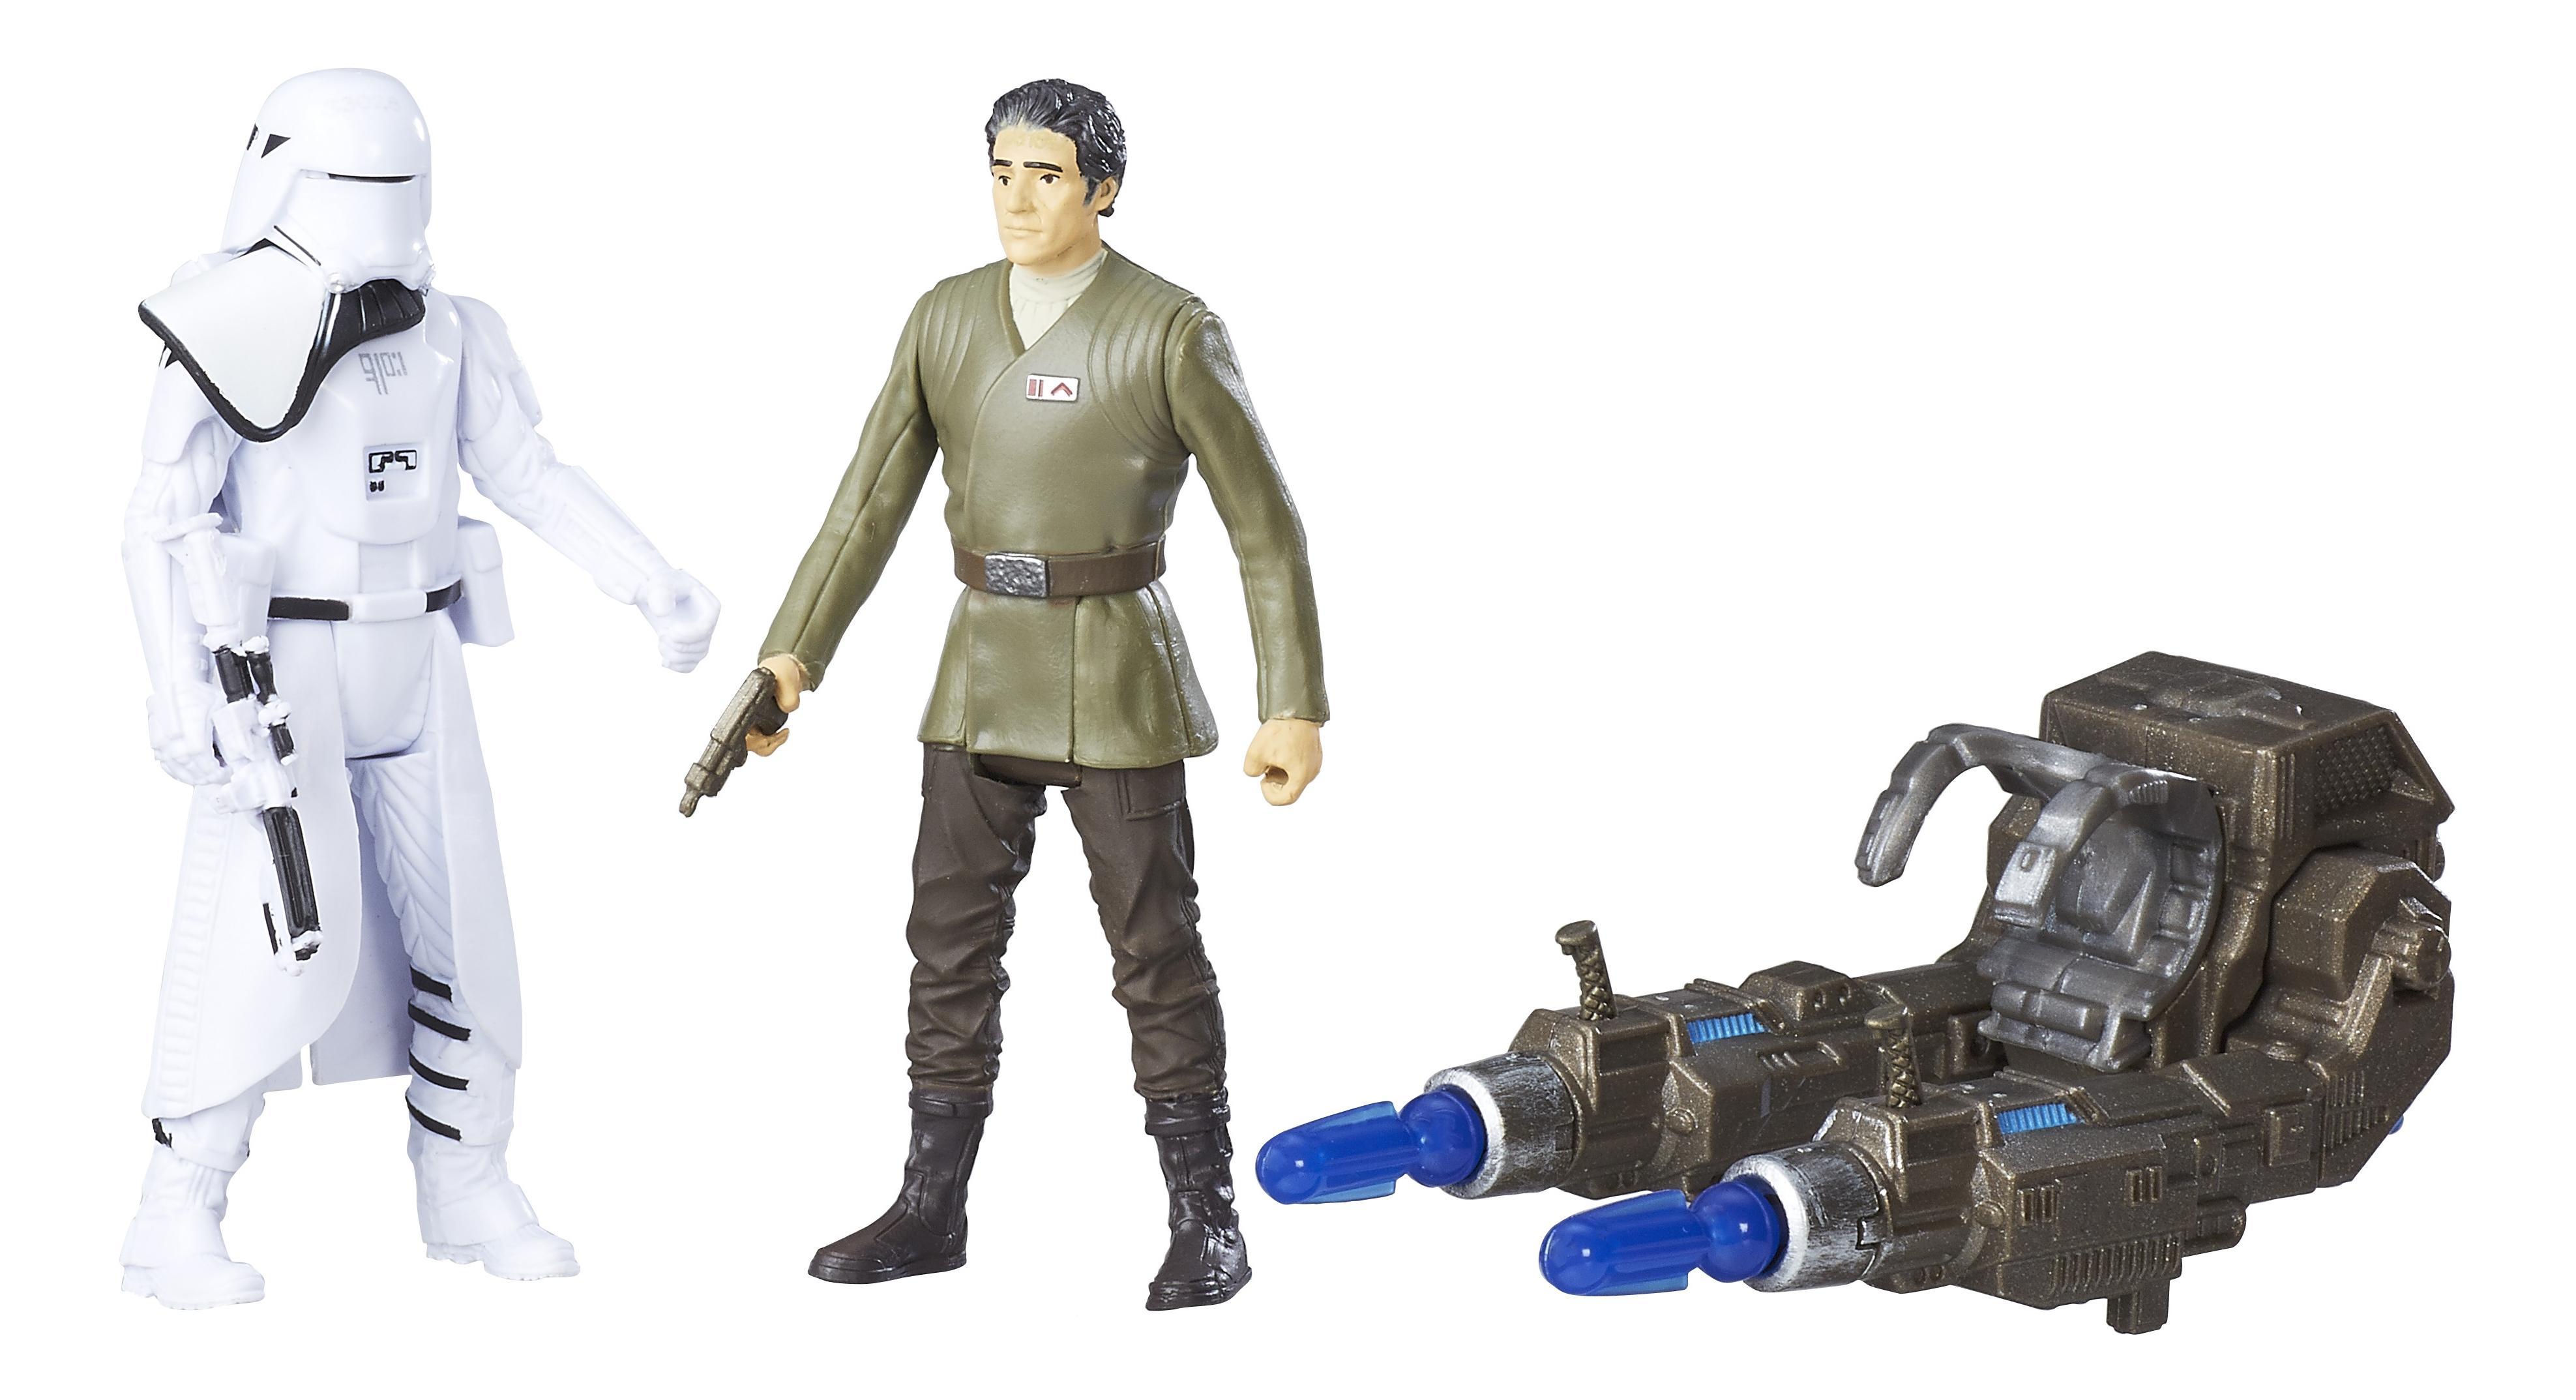 Купить Фигурка звездных войн 10 см делюск b7073 b8612, Hasbro, Игровые фигурки